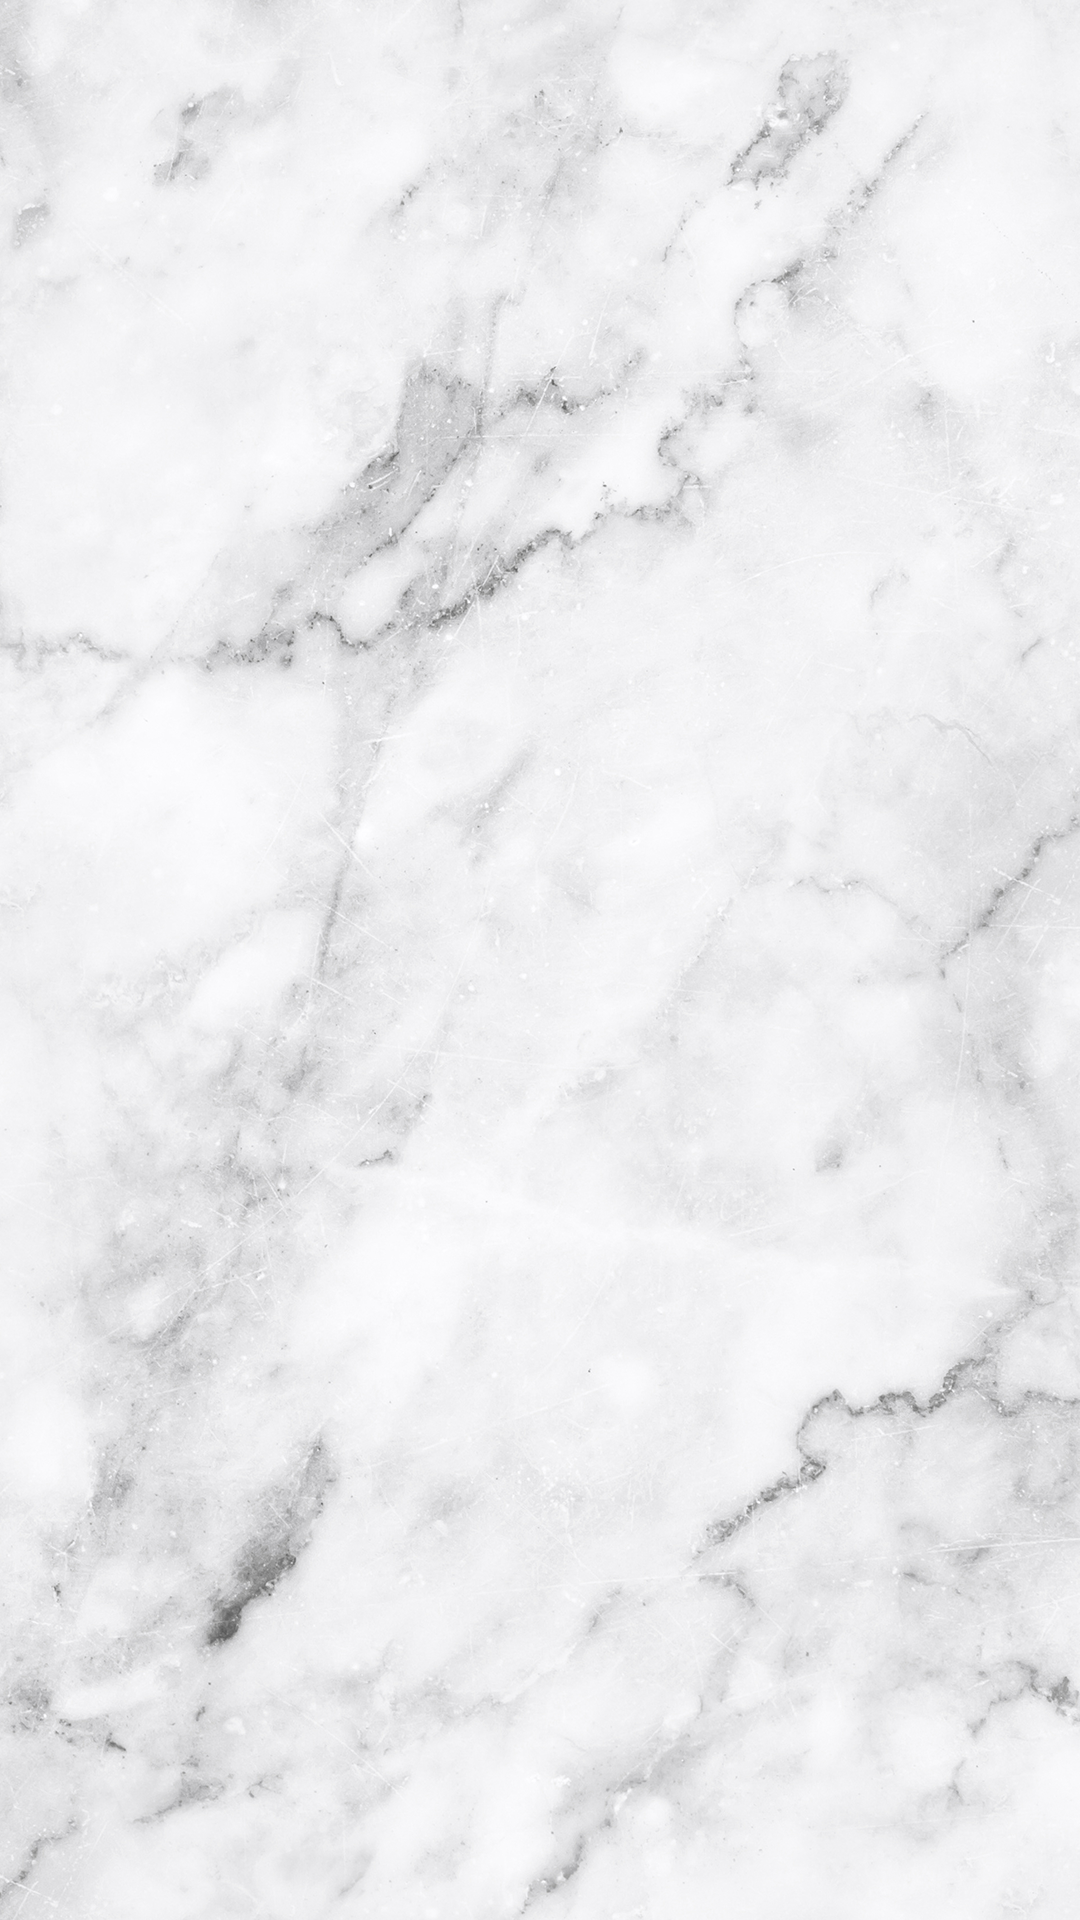 Aesthetic Wallpaper White Marble